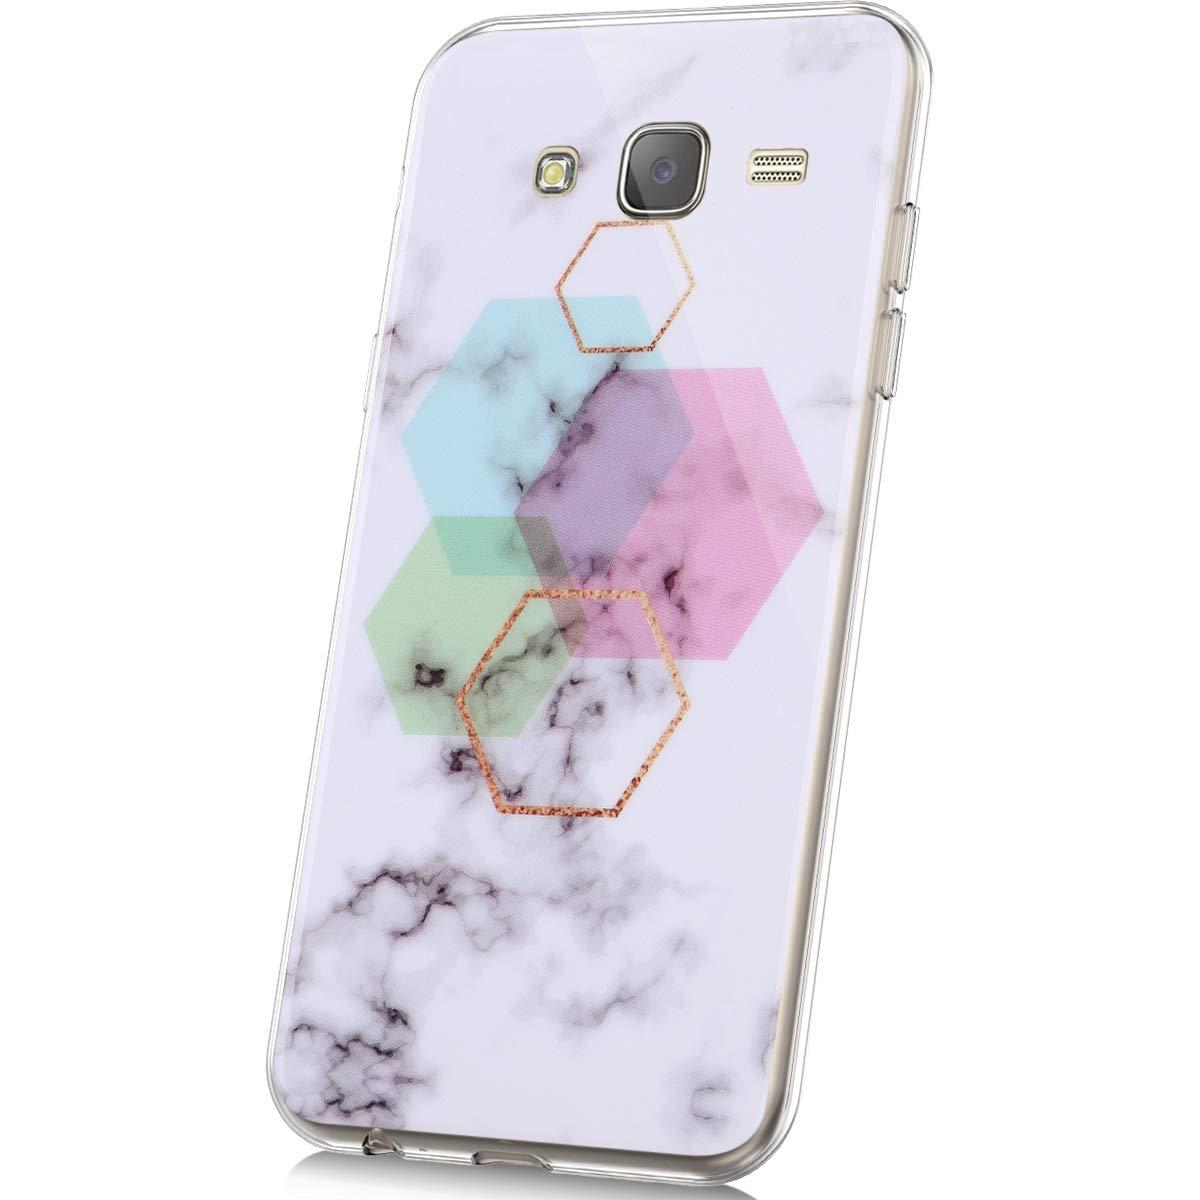 MoreChioce compatible avec Coque Samsung Galaxy J5 2015 Etui Silicone Marbre,/Él/égant Anti-Rayures Housse Protecteur Souple Strass TPU Transparent Silicone Bumper Rigid Cover Skin,Marbre #13